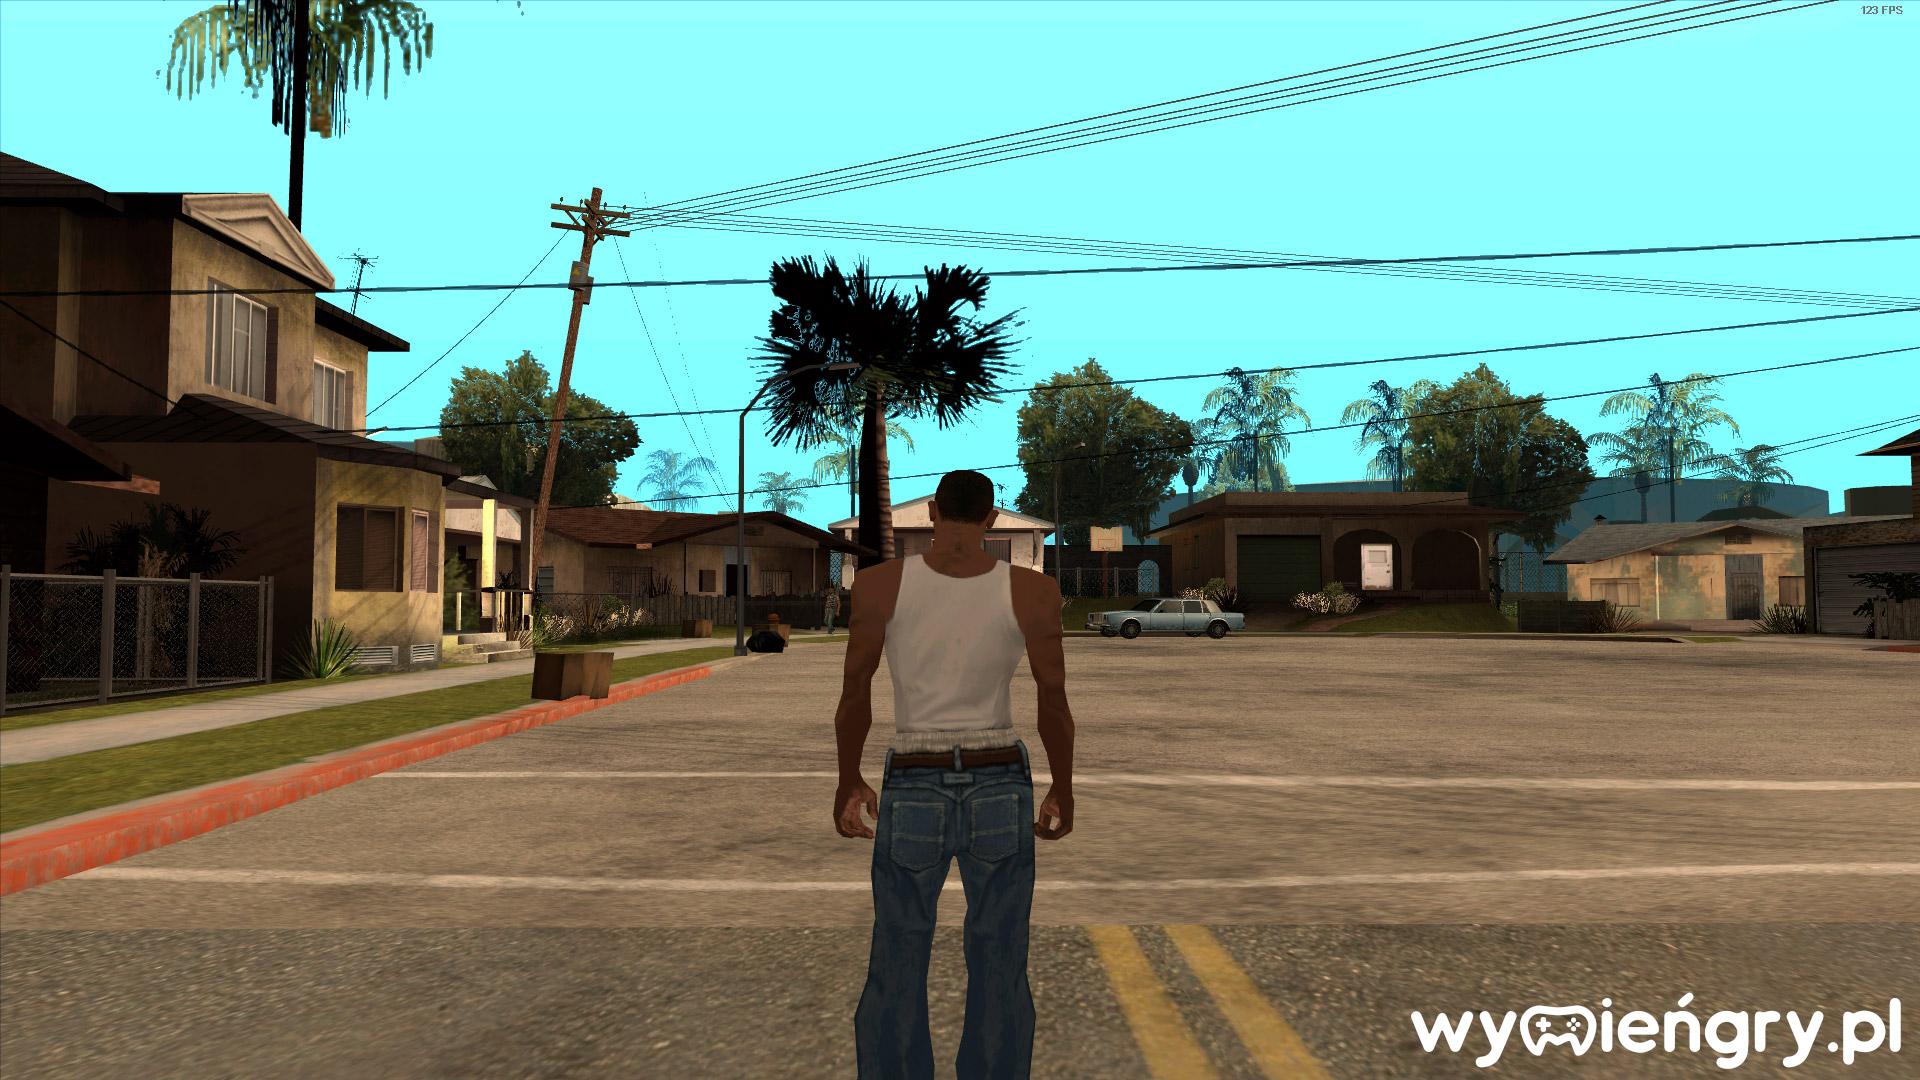 Co w nowych grach jest nie tak? GTA San Andreas